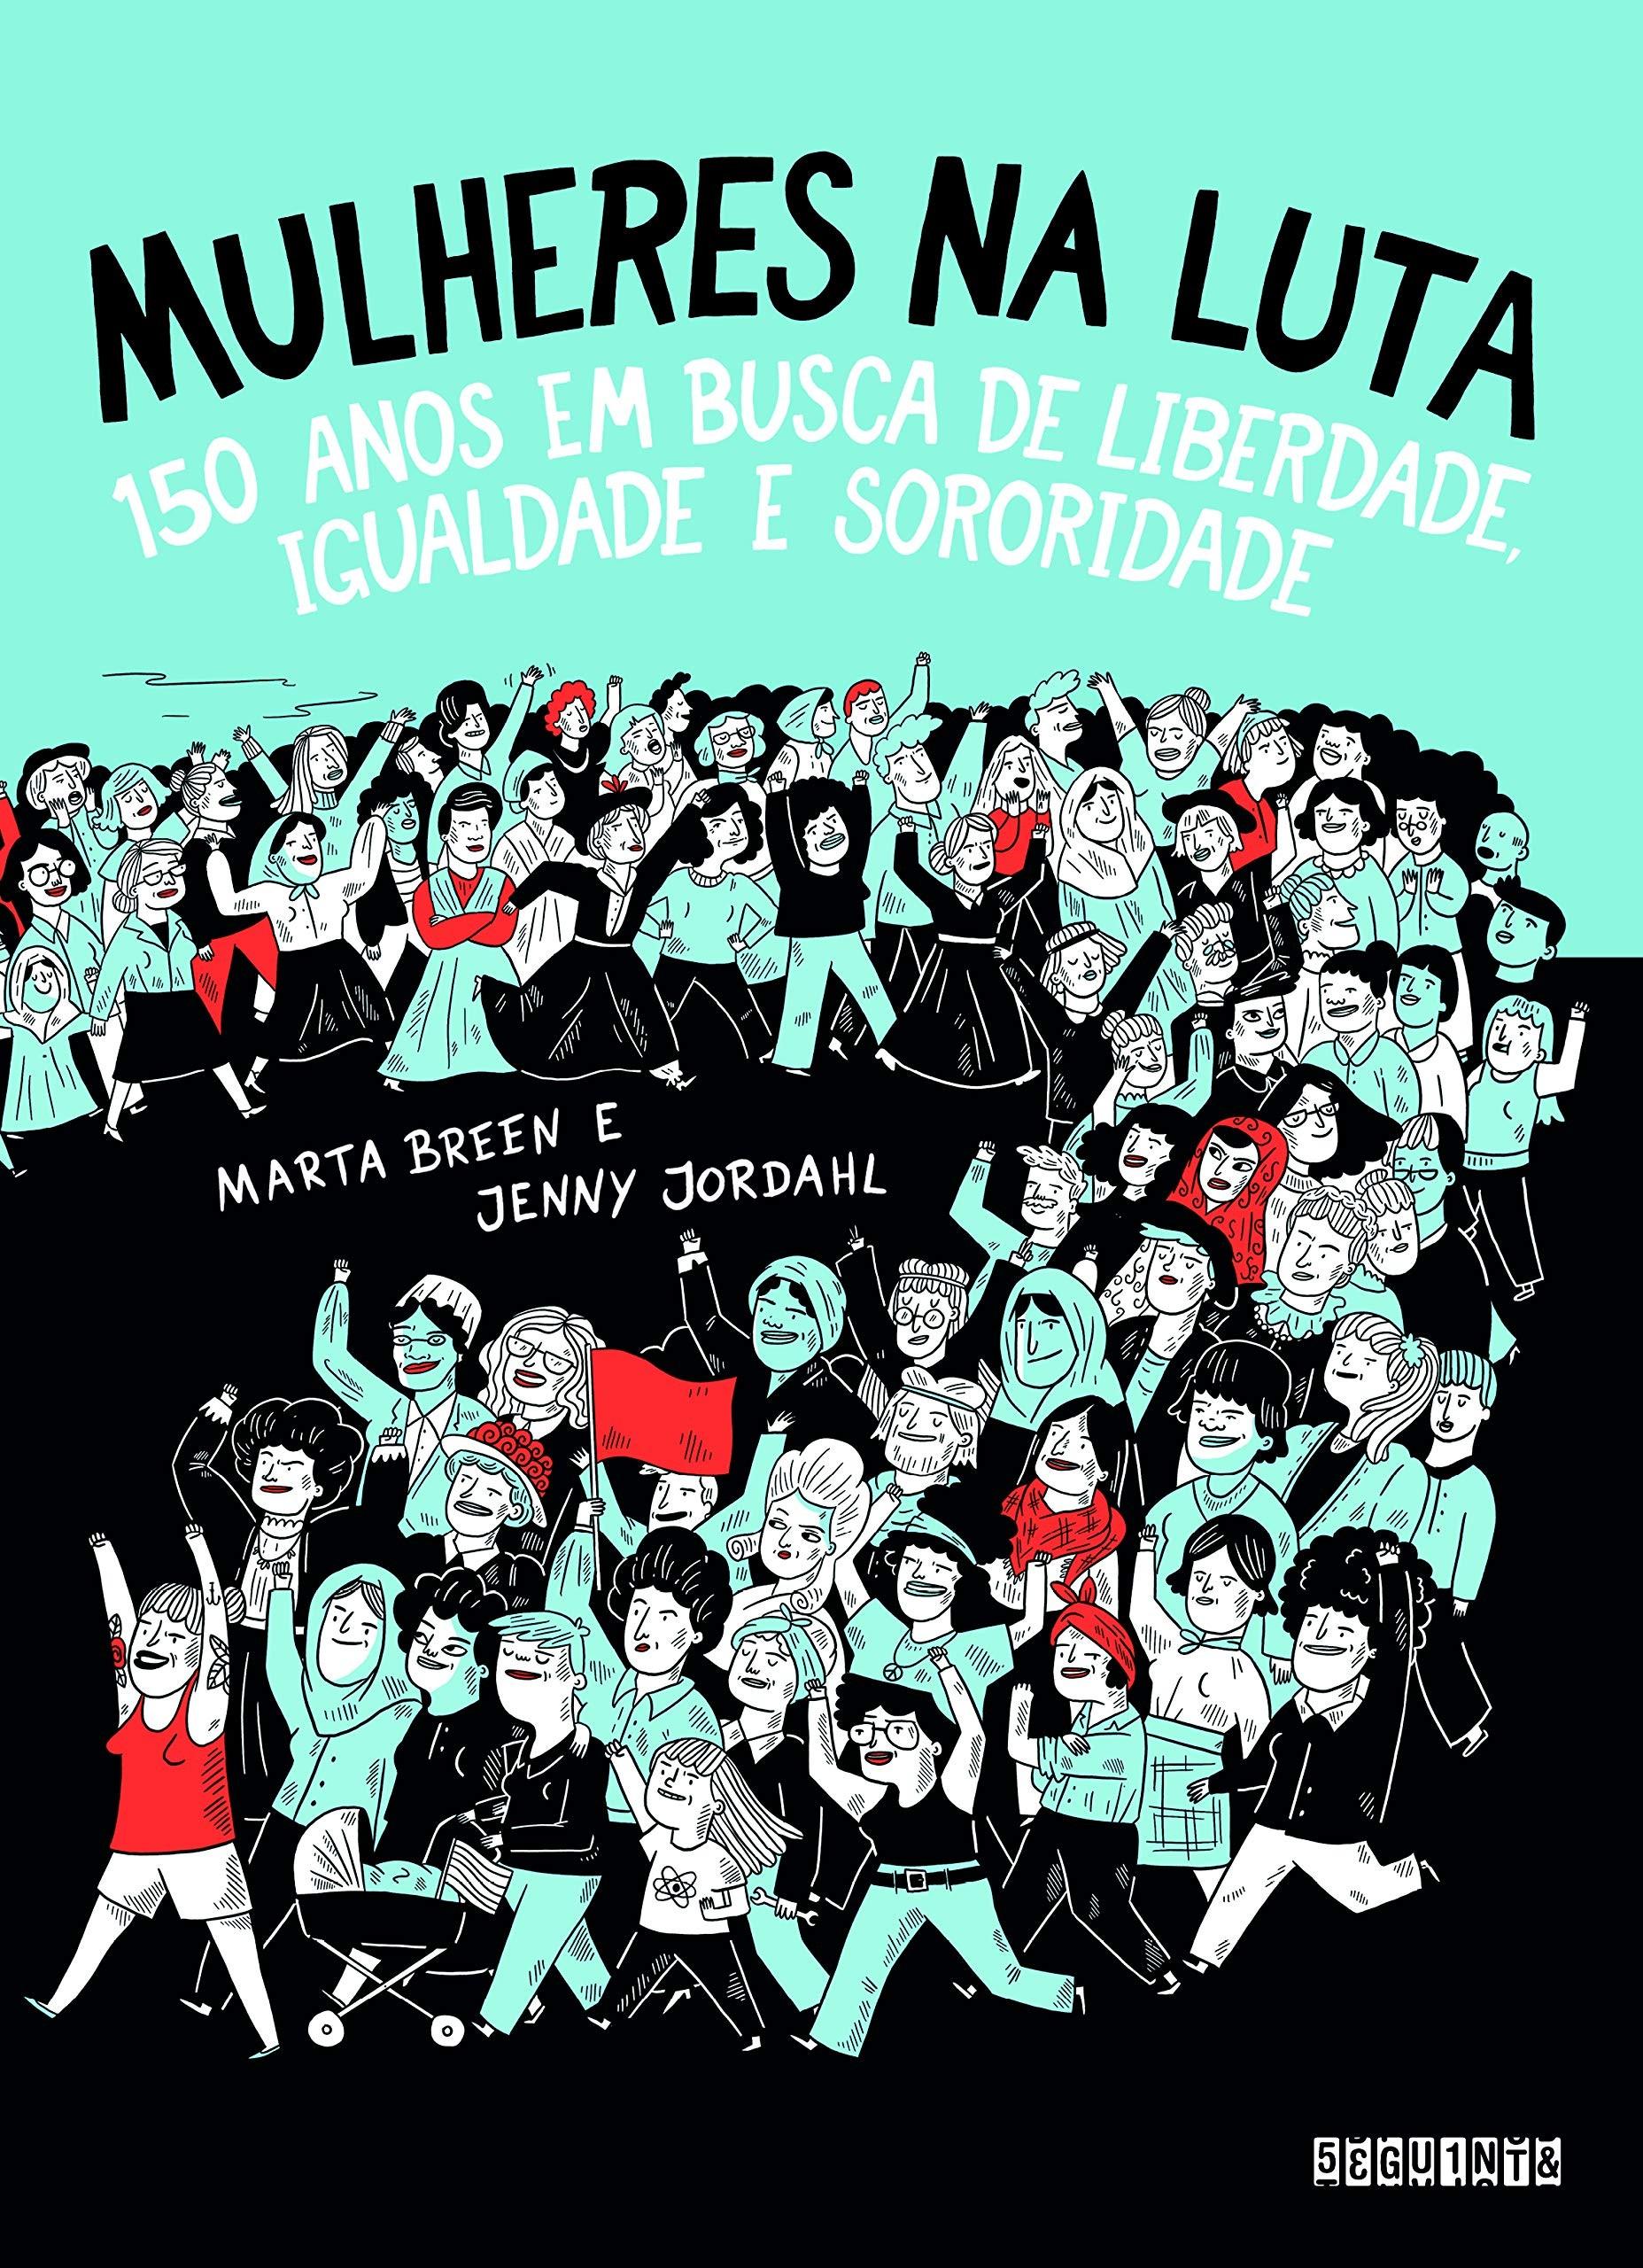 Mulheres na Luta (Foto: Divulgação)